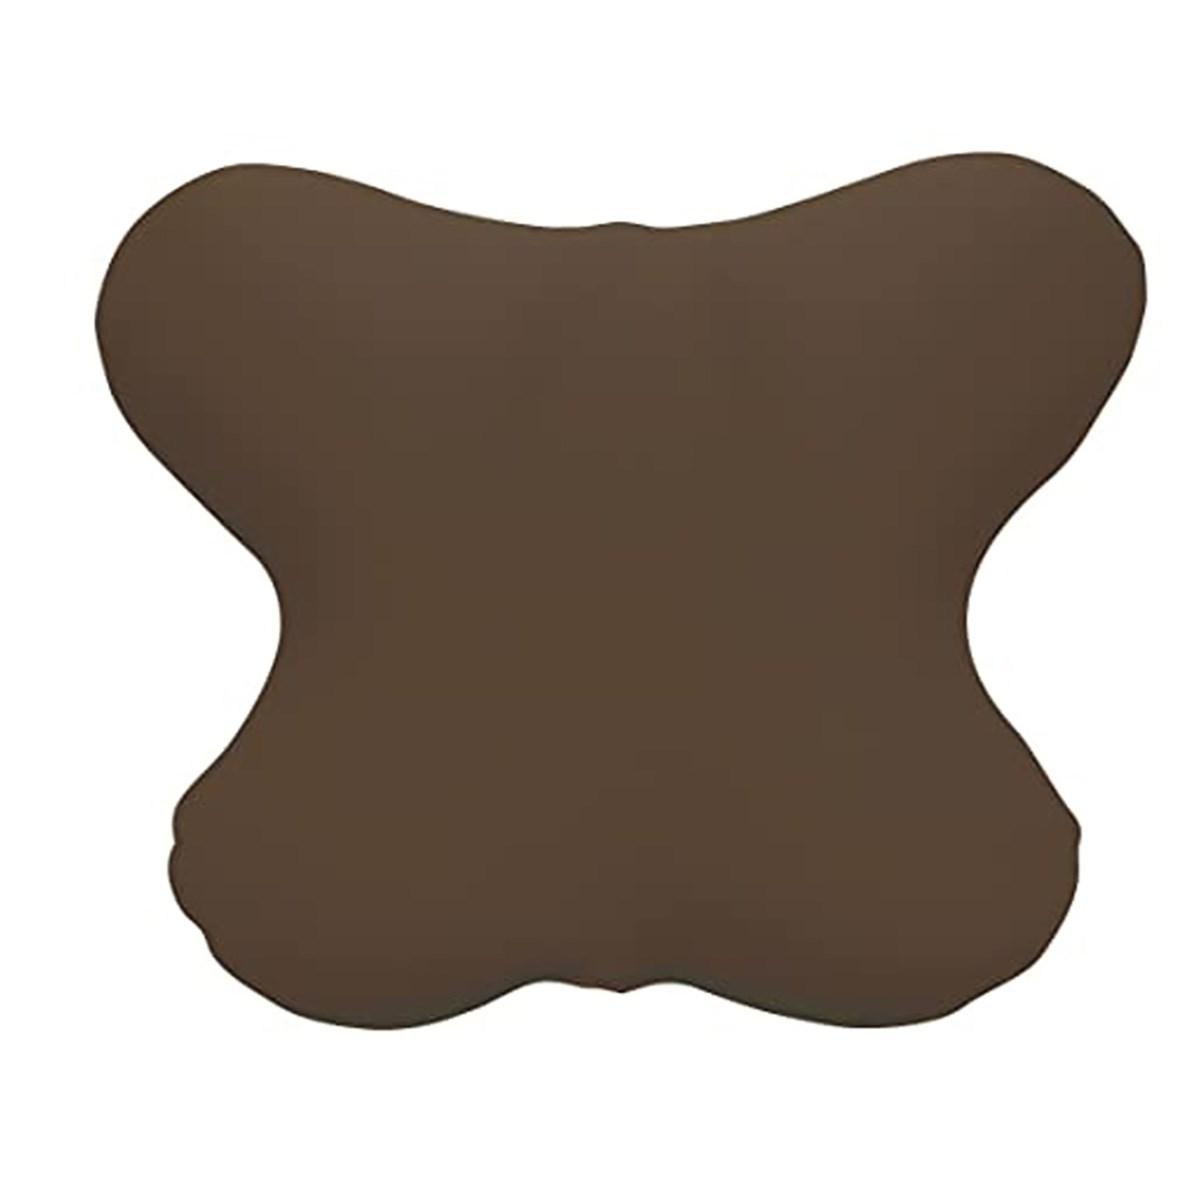 MOGU カバー付き バタフライクッション ブラウン